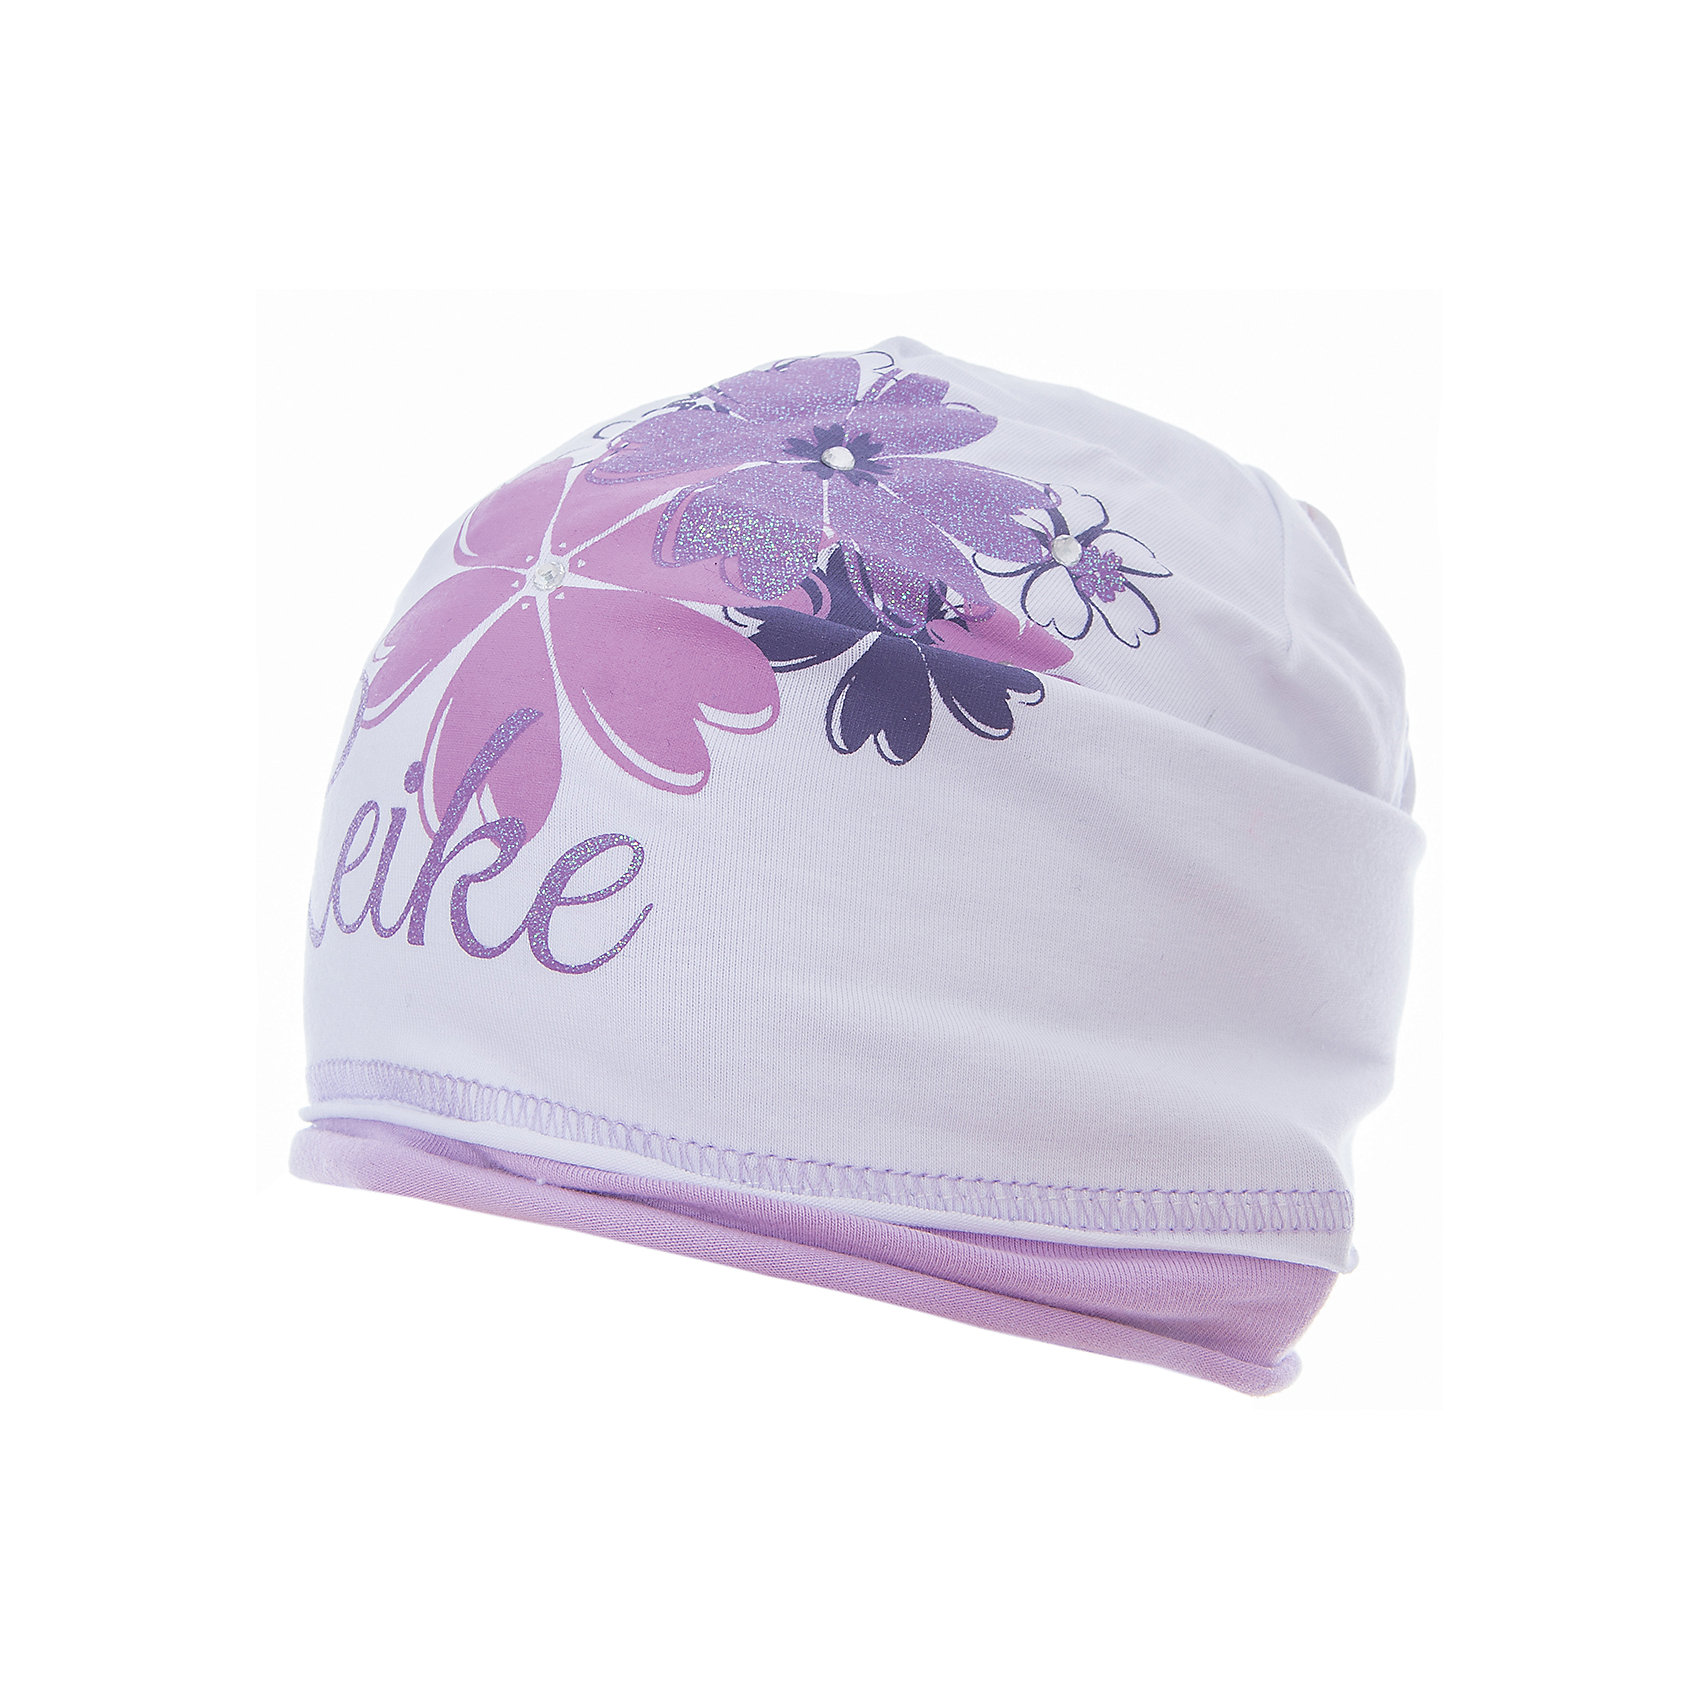 Шапка Reike для девочкиШапки и шарфы<br>Характеристики товара:<br><br>• цвет: белый<br>• состав: 97% хлопок, 3% полиуретан<br>• декорирована принтом и стразами<br>• мягкий материал<br>• страна бренда: Финляндия<br><br>Новая коллекция от известного финского производителя Reike отличается ярким дизайном, продуманностью и комфортом! Эта модель разработана специально для детей - она учитывает особенности их физиологии, а также новые тенденции в европейской моде. Она отлично сочетается с обувью разных цветов и фасонов. Стильная и удобная вещь!<br><br>Шапку для девочки от популярного бренда Reike можно купить в нашем интернет-магазине.<br><br>Ширина мм: 89<br>Глубина мм: 117<br>Высота мм: 44<br>Вес г: 155<br>Цвет: белый<br>Возраст от месяцев: 72<br>Возраст до месяцев: 84<br>Пол: Женский<br>Возраст: Детский<br>Размер: 54,56,52<br>SKU: 5430128